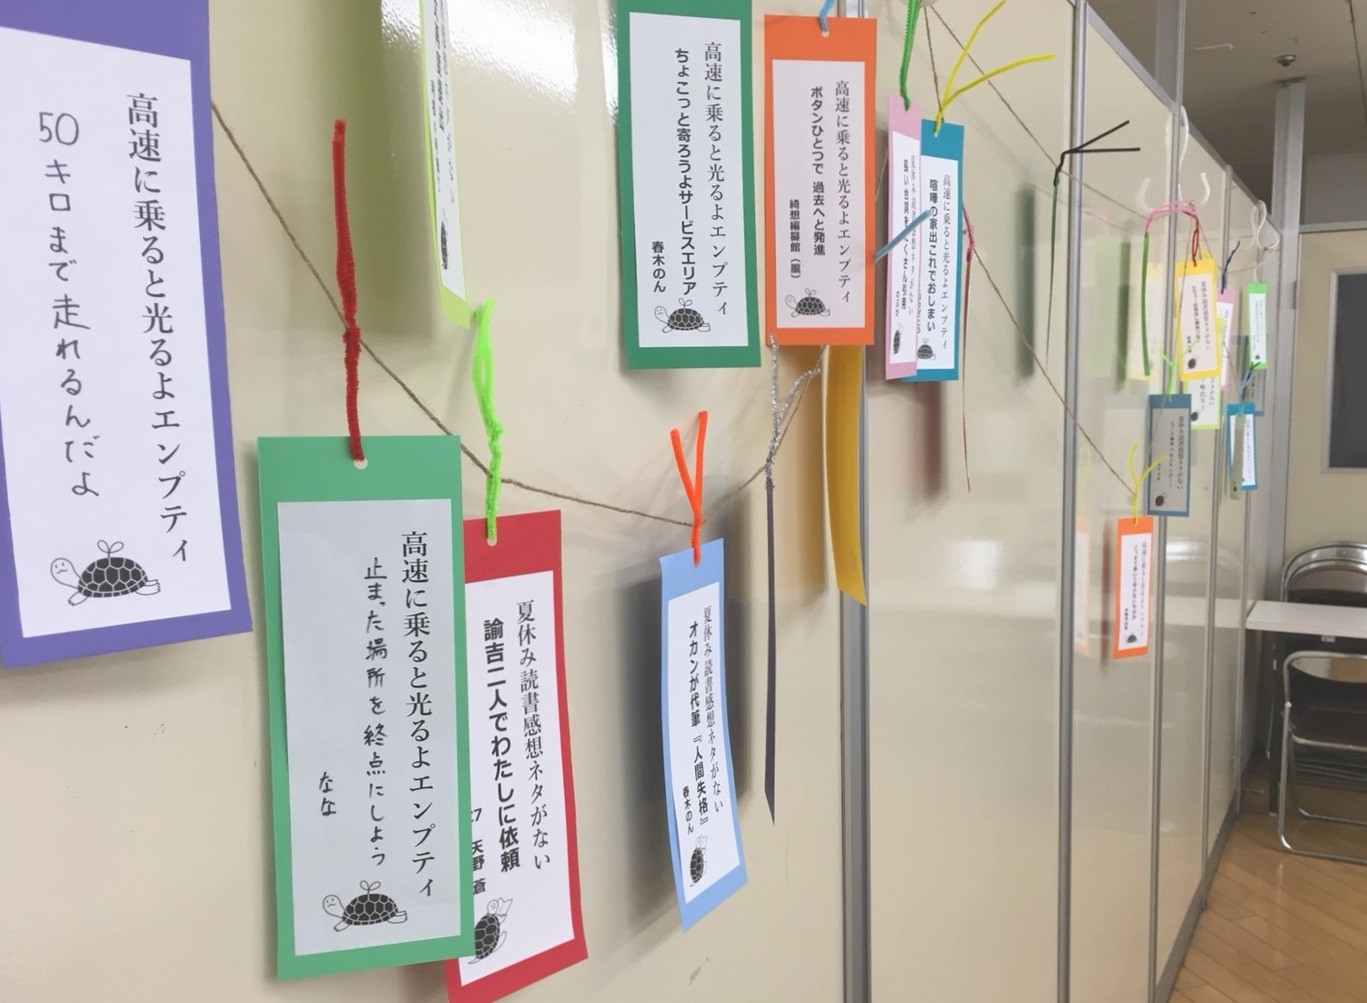 ちょこ文福岡2018_180915_0010.jpg